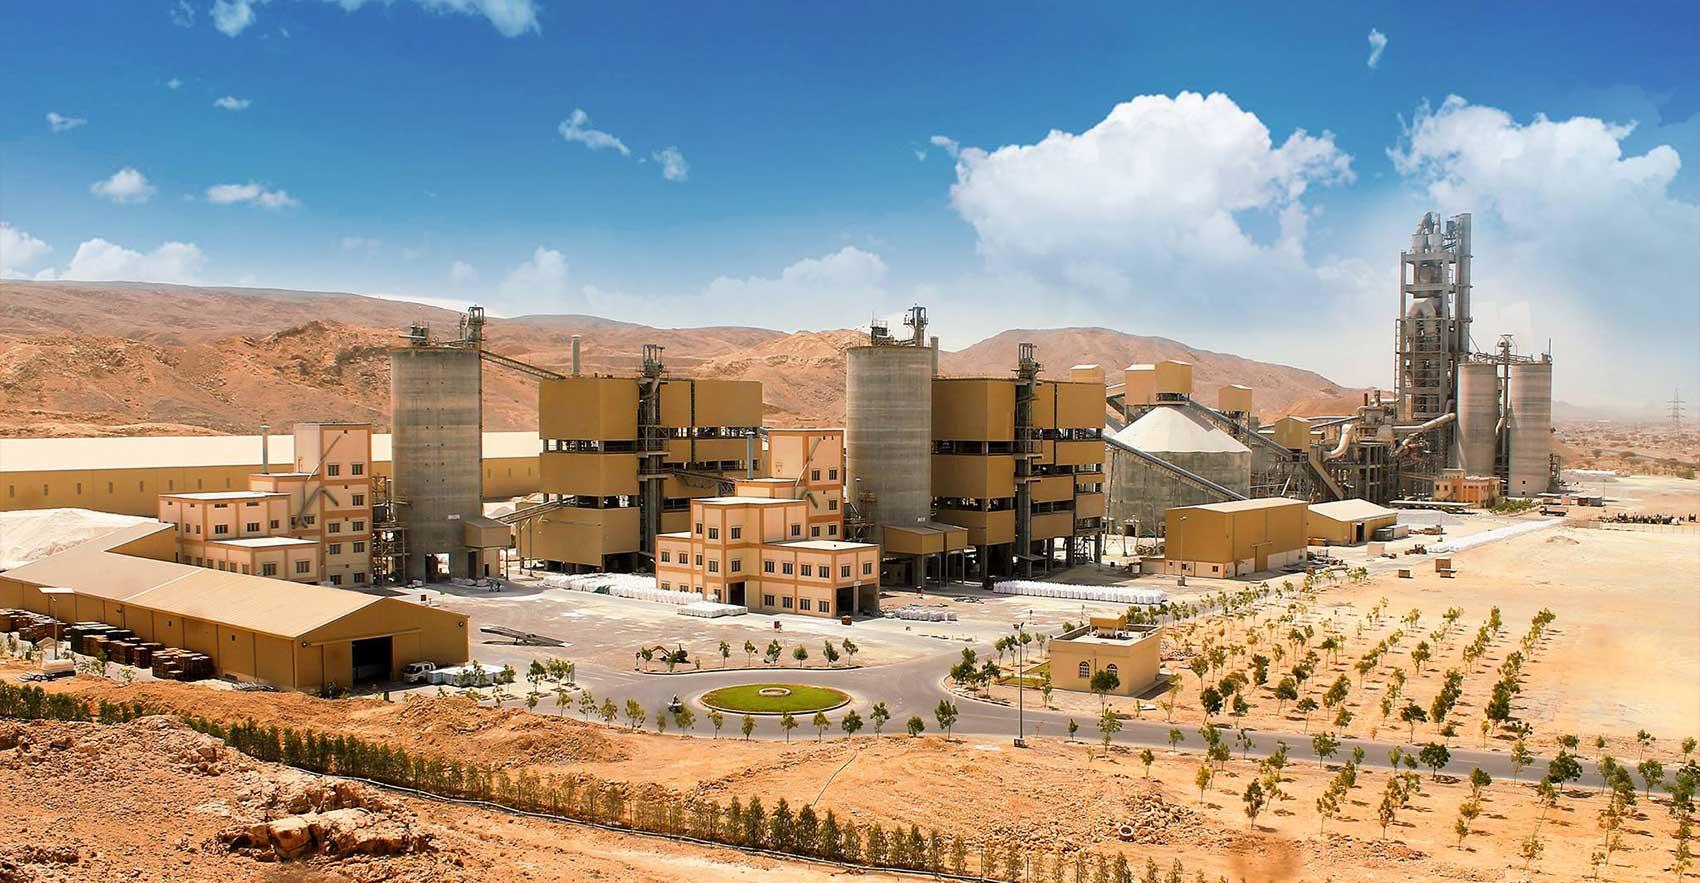 cement factories in uae